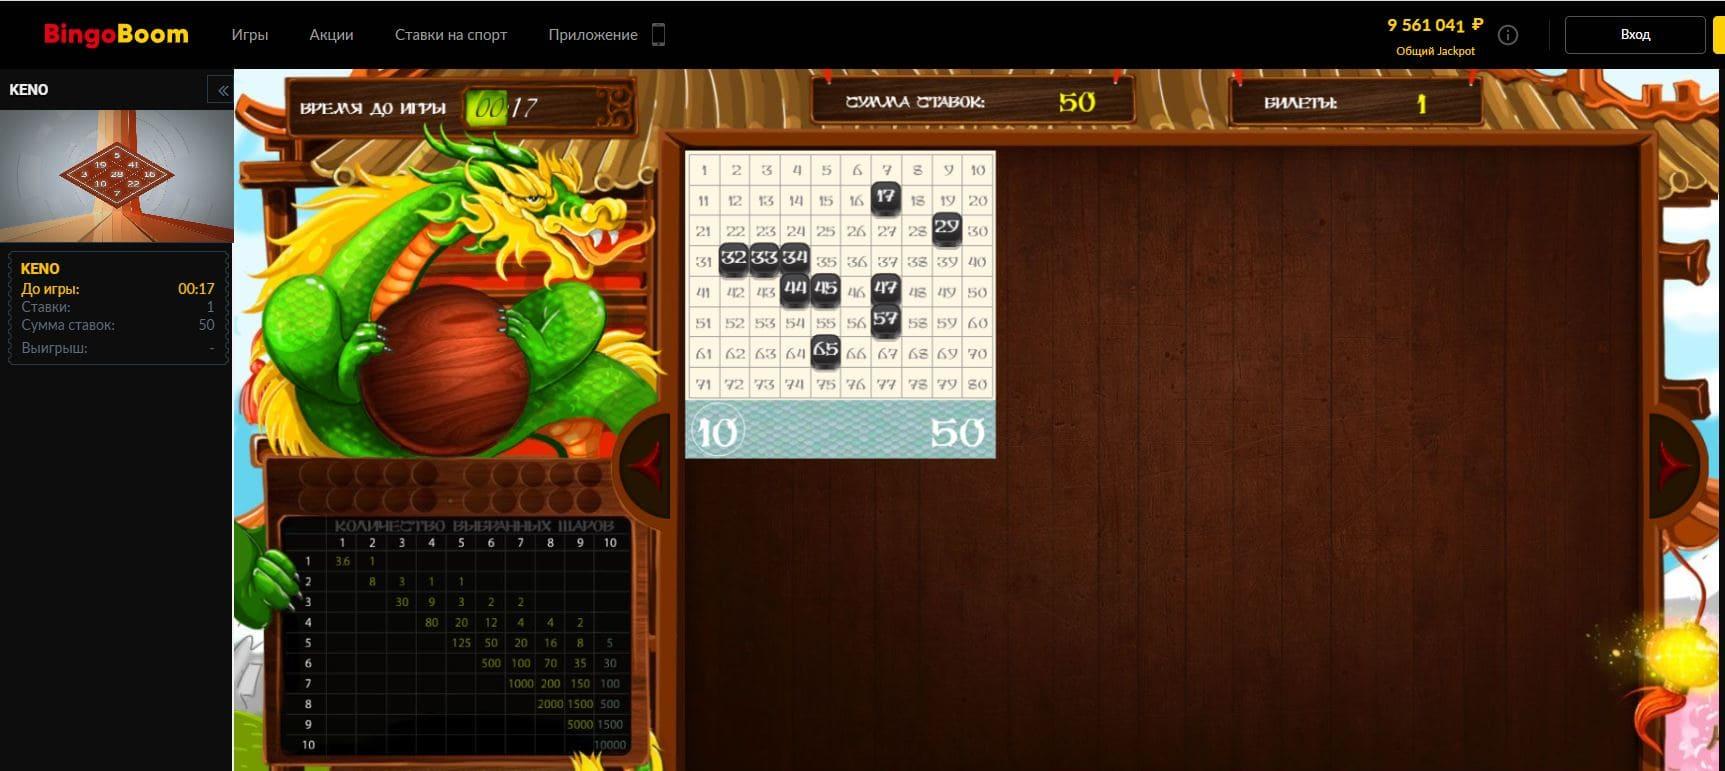 Как играть в бинго. стандартные правила и правила игр в онлайн казино